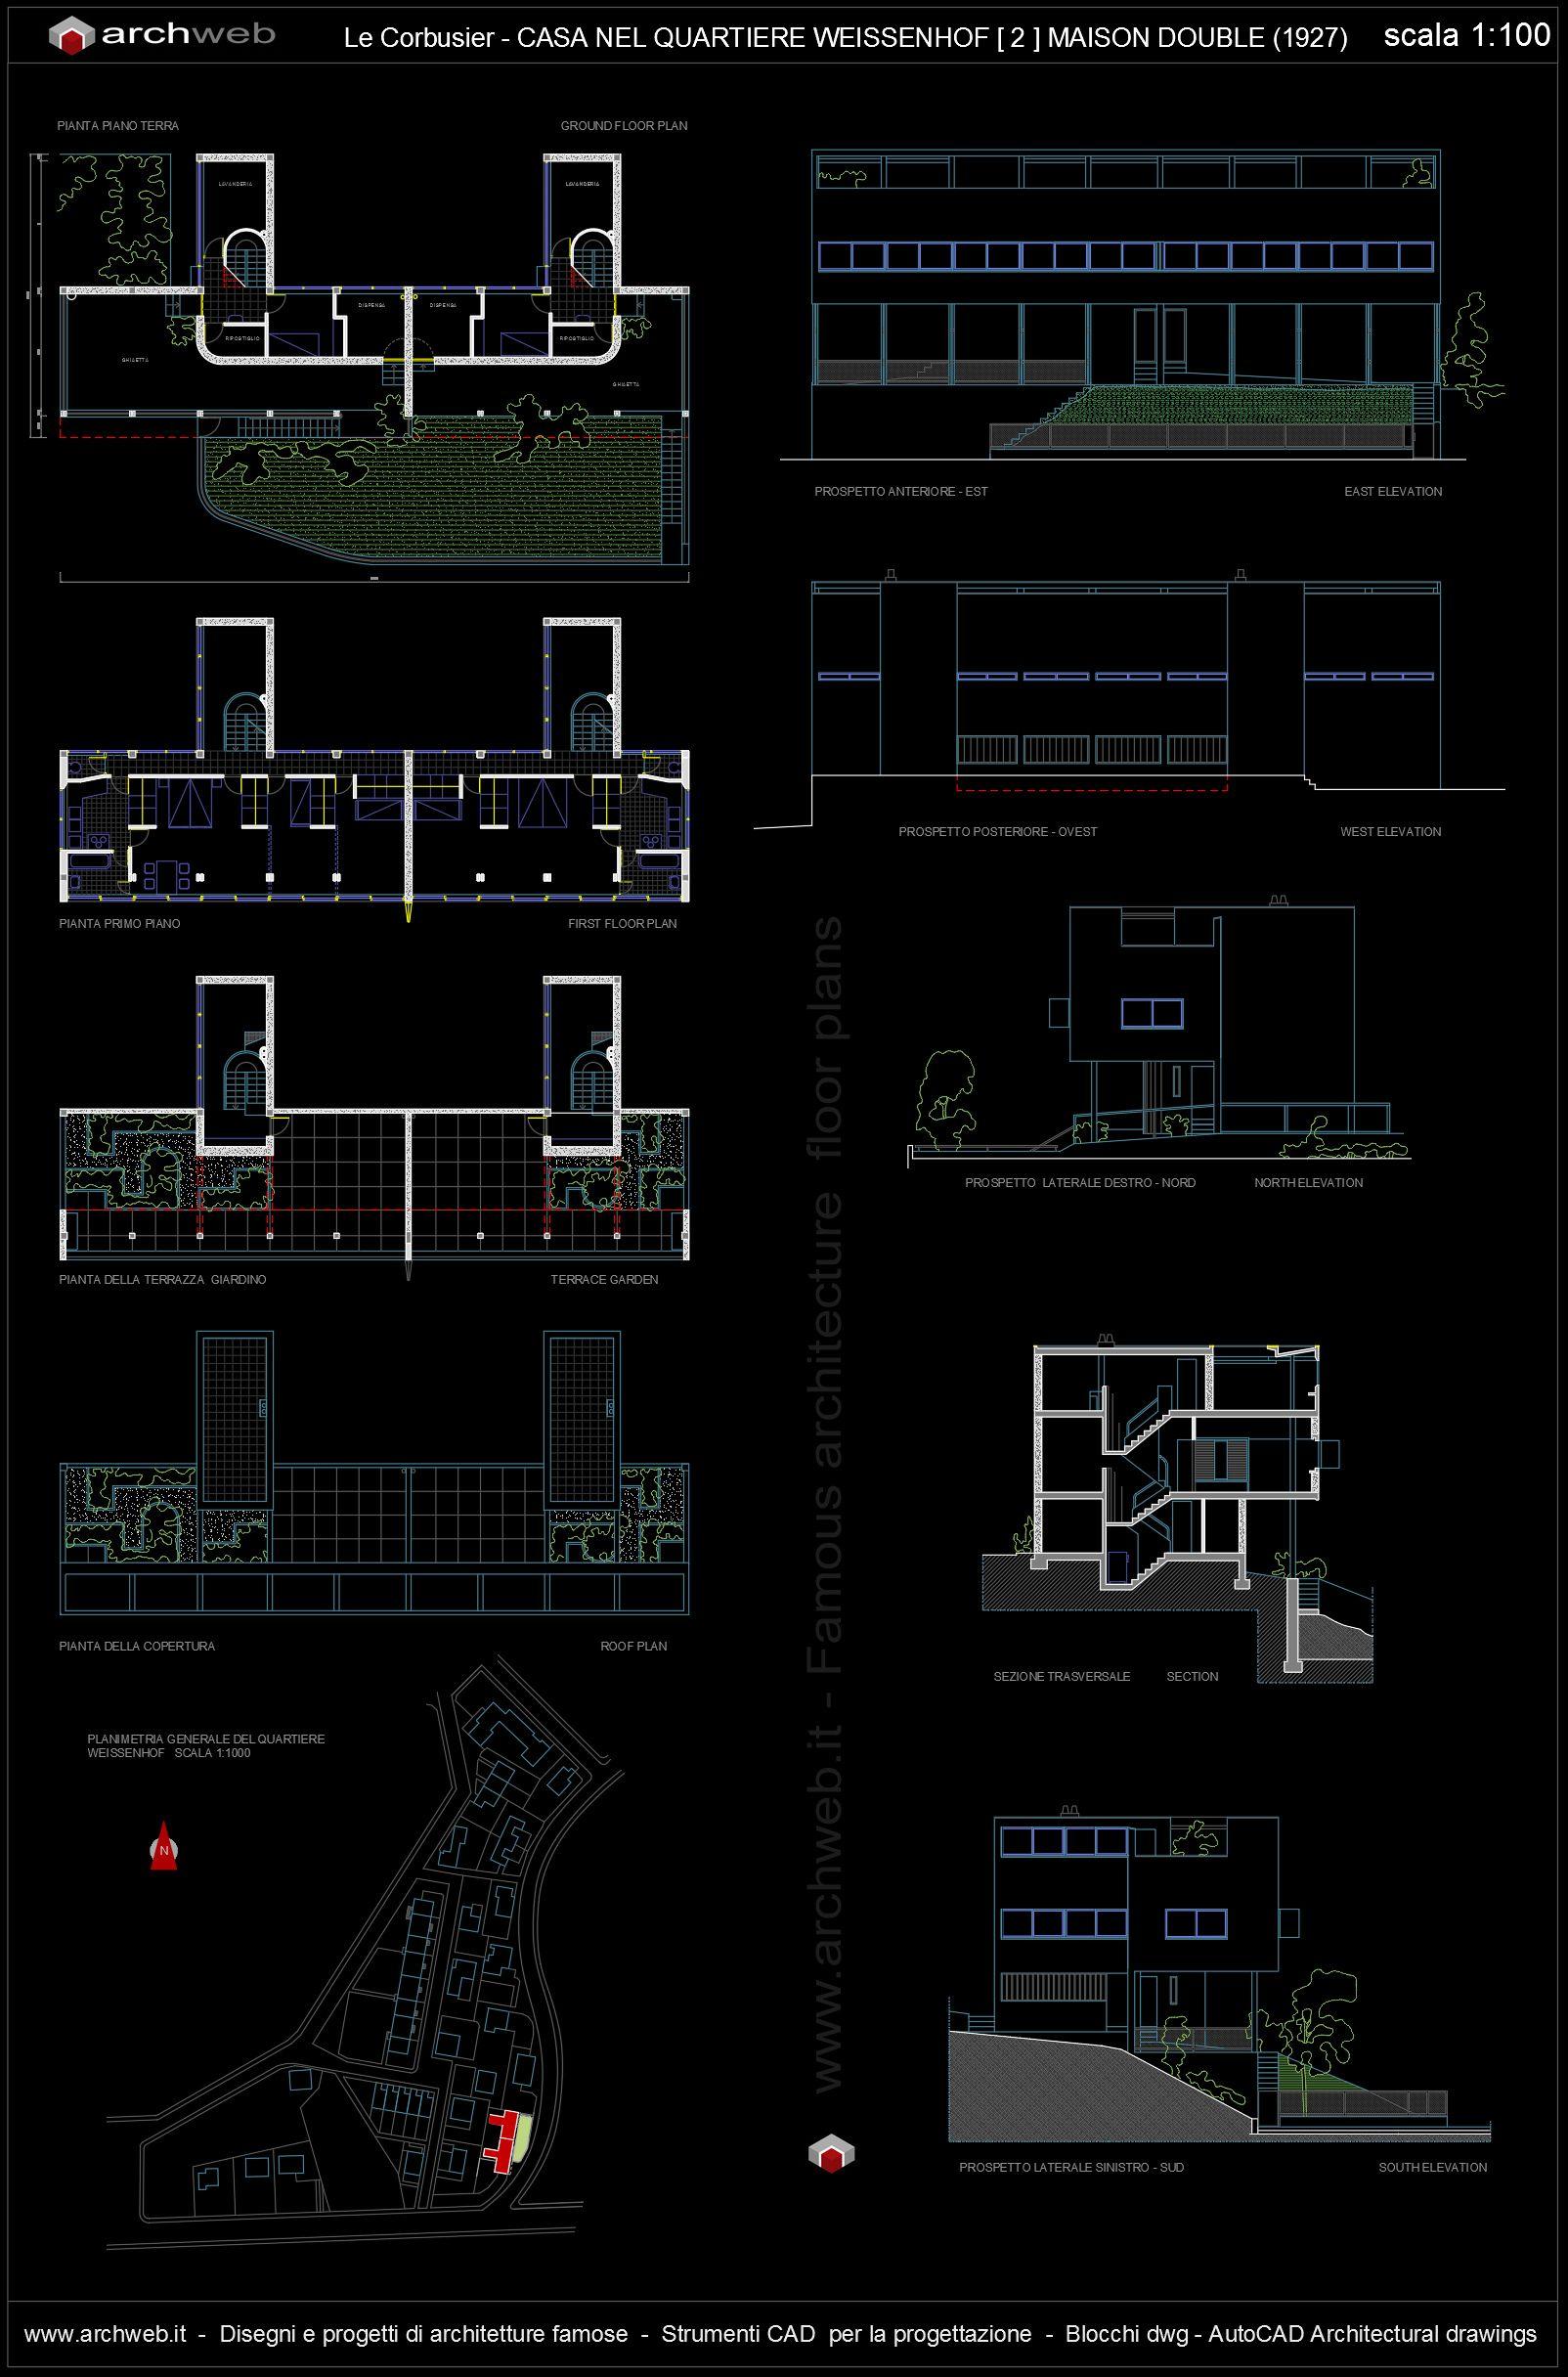 Citrohan House Nel Quartiere Weissenhof 2 1927 Le Corbusier  # Muebles Mies Van Der Rohe Autocad